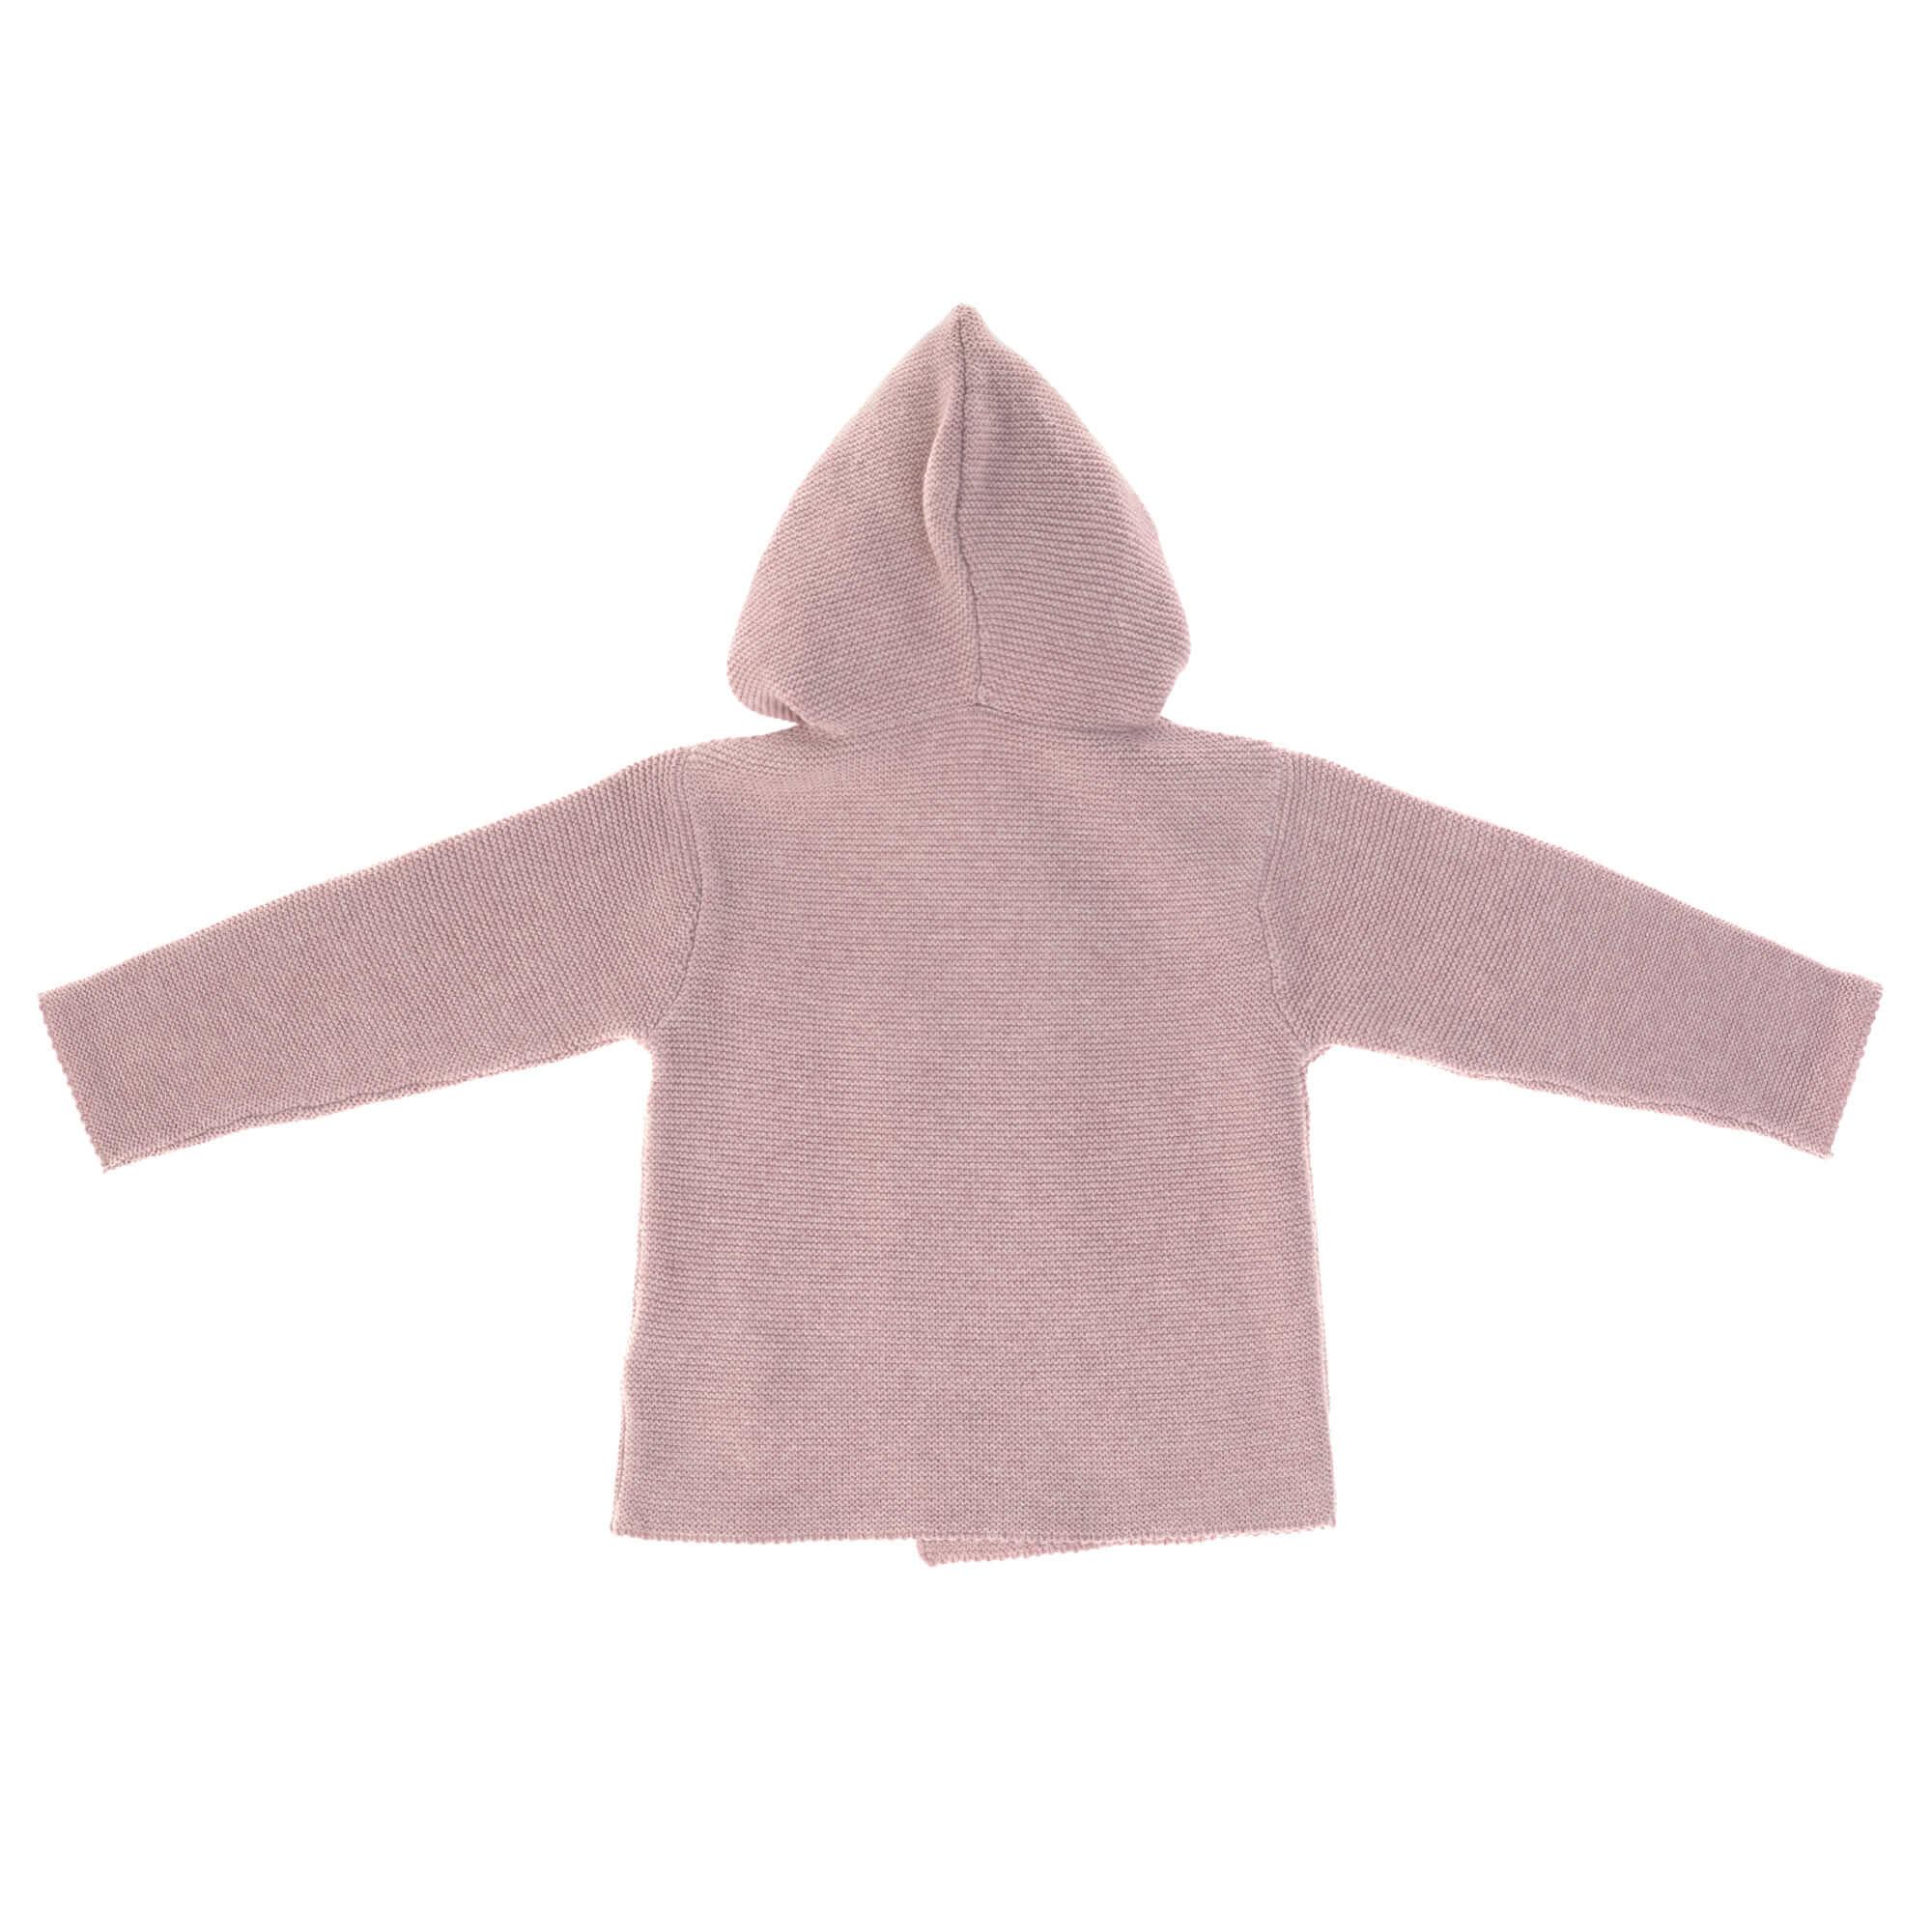 Lässig Lässig baby gebeide Hoodie GOTS Garden Explorer light pink 62-68 2-6 mnd